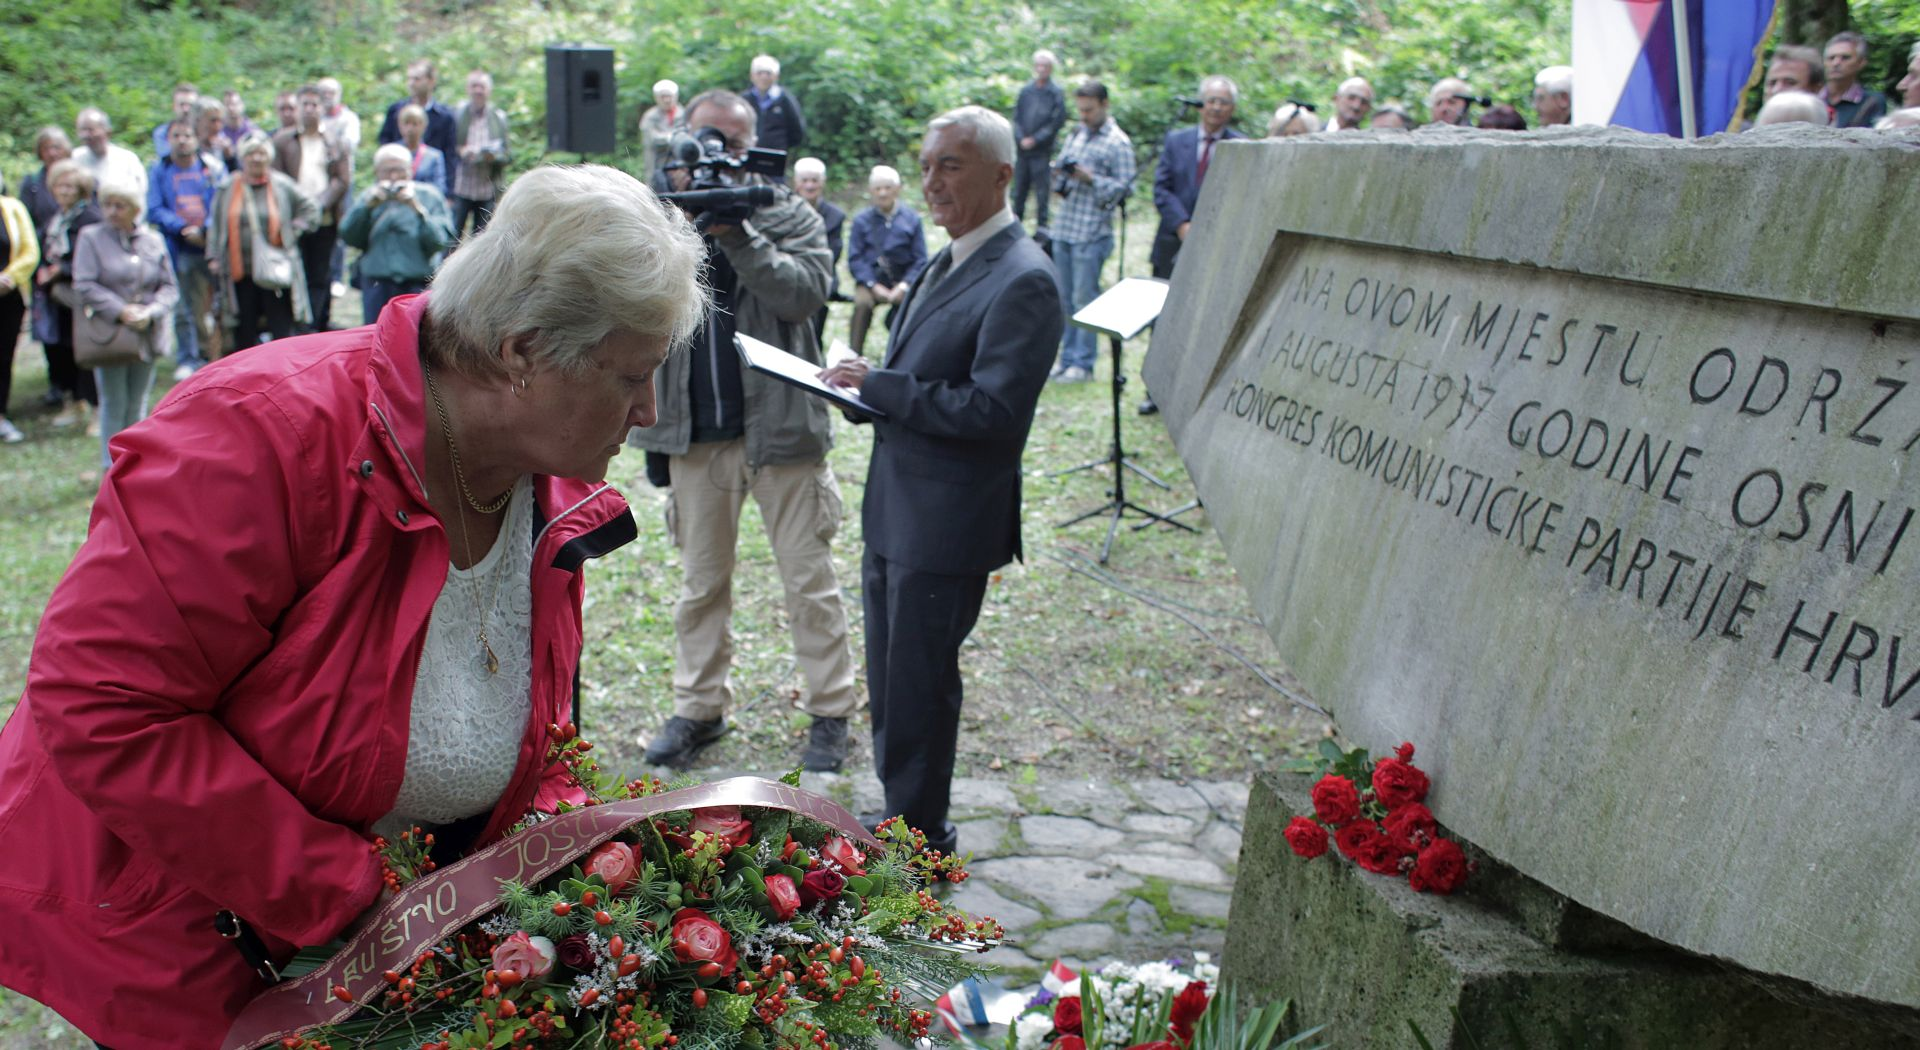 Obilježena 80. obljetnica osnivanja Komunističke partije Hrvatske